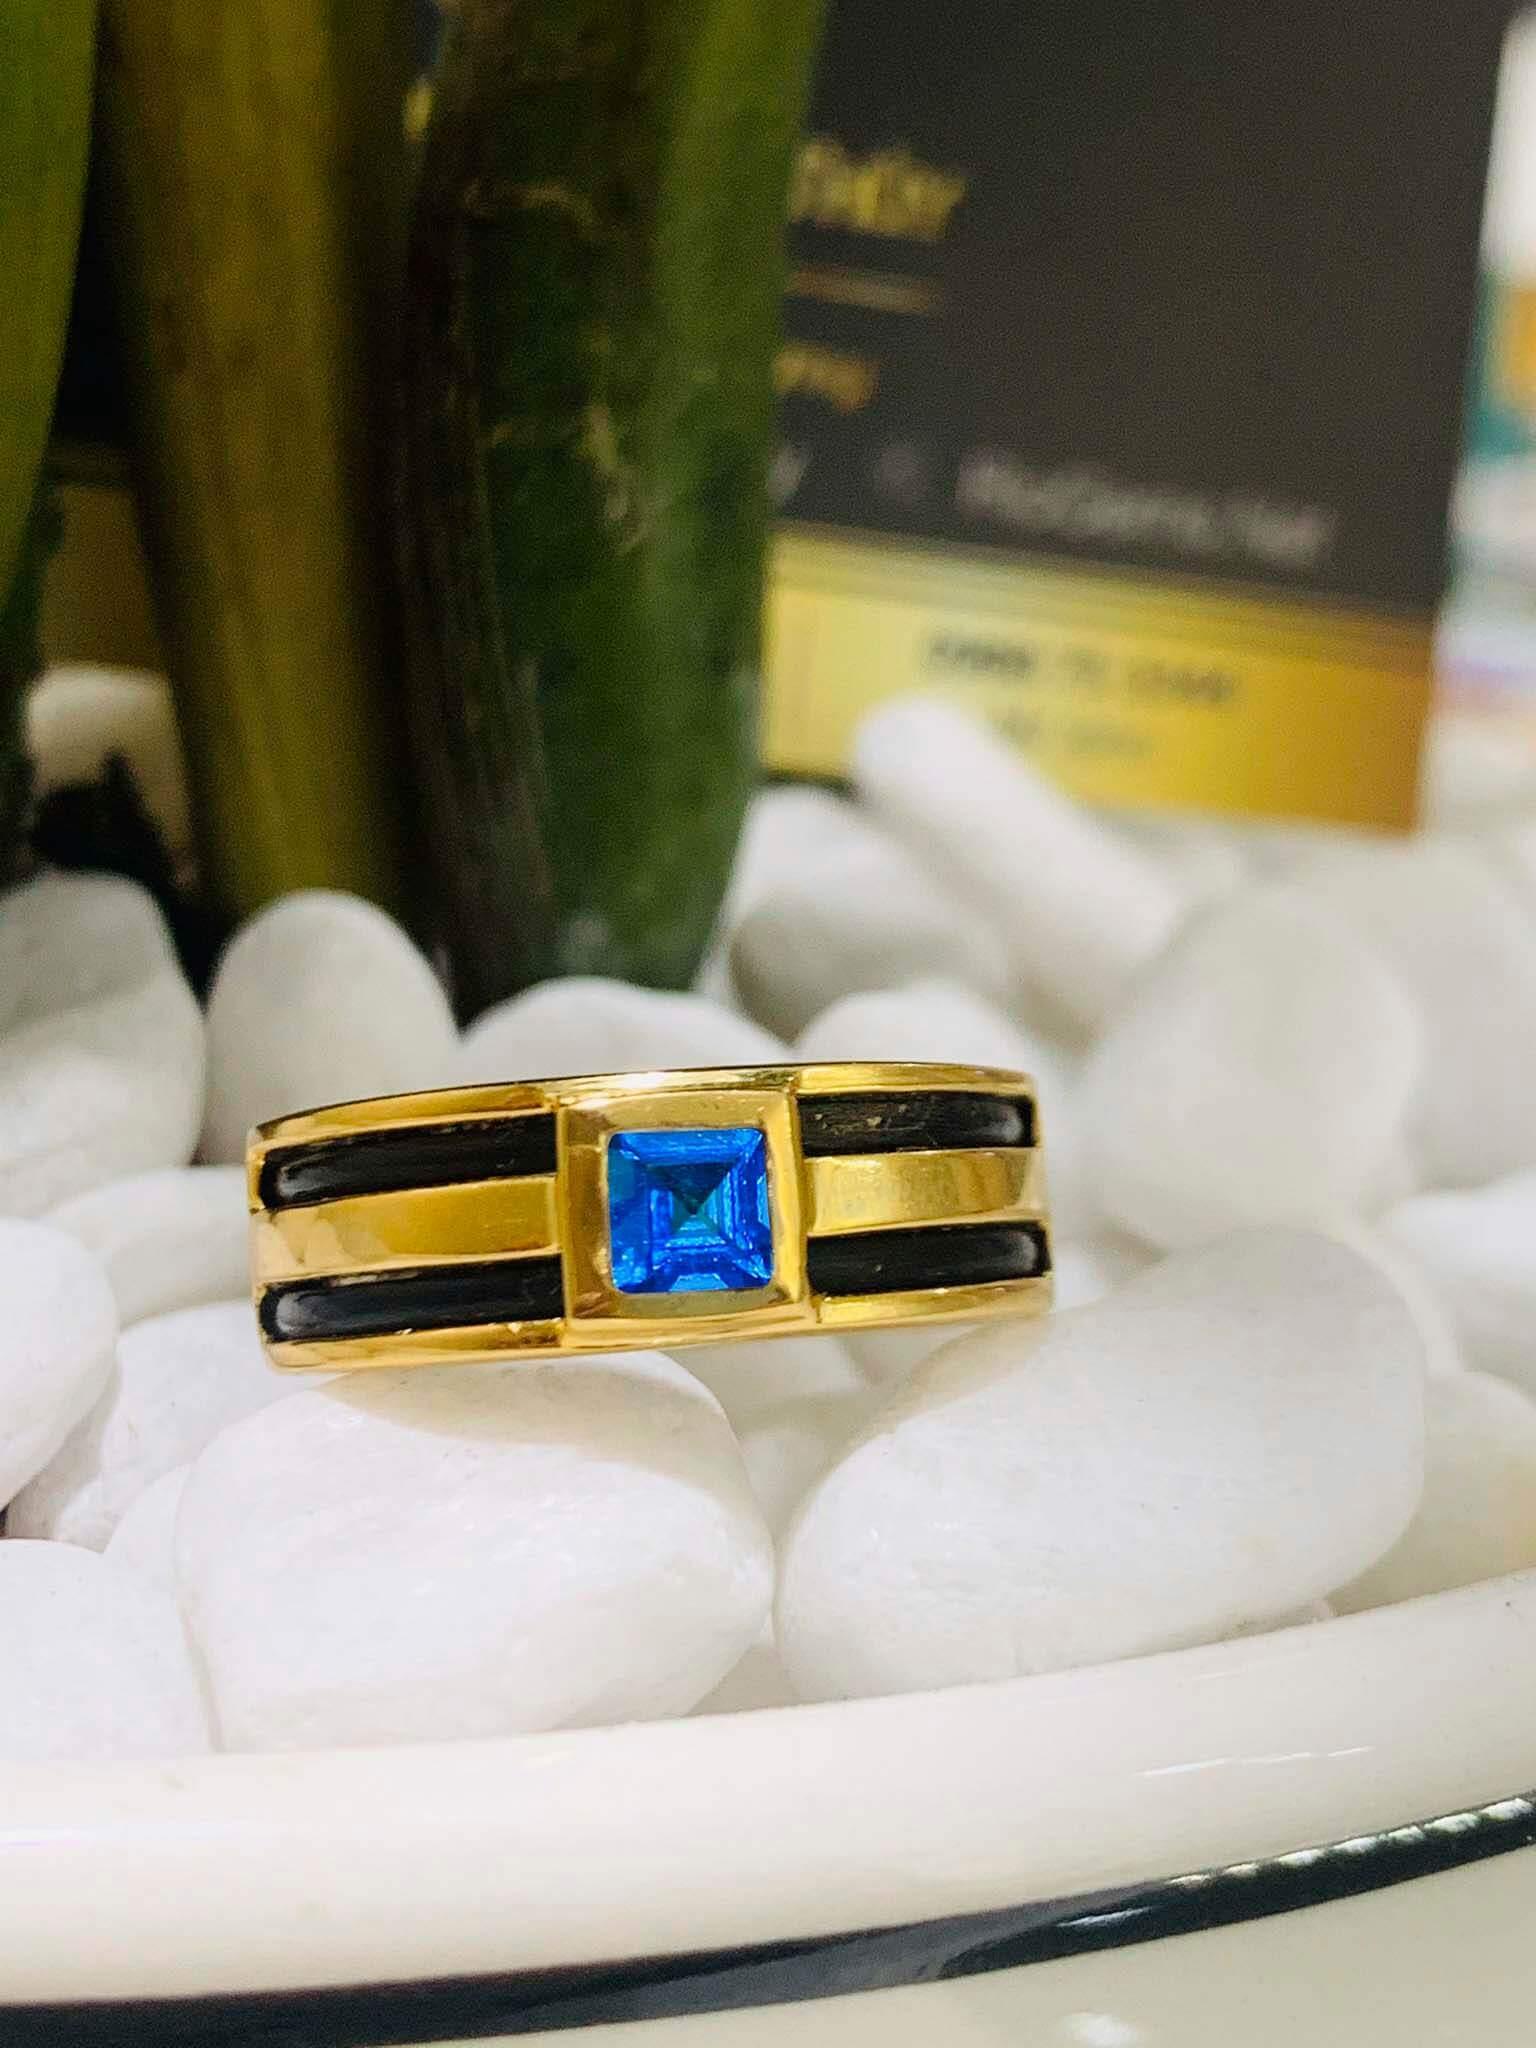 mua Nhẫn vàng nam mặt đá Topaz vuông xanh dương luồng 2 lông voi